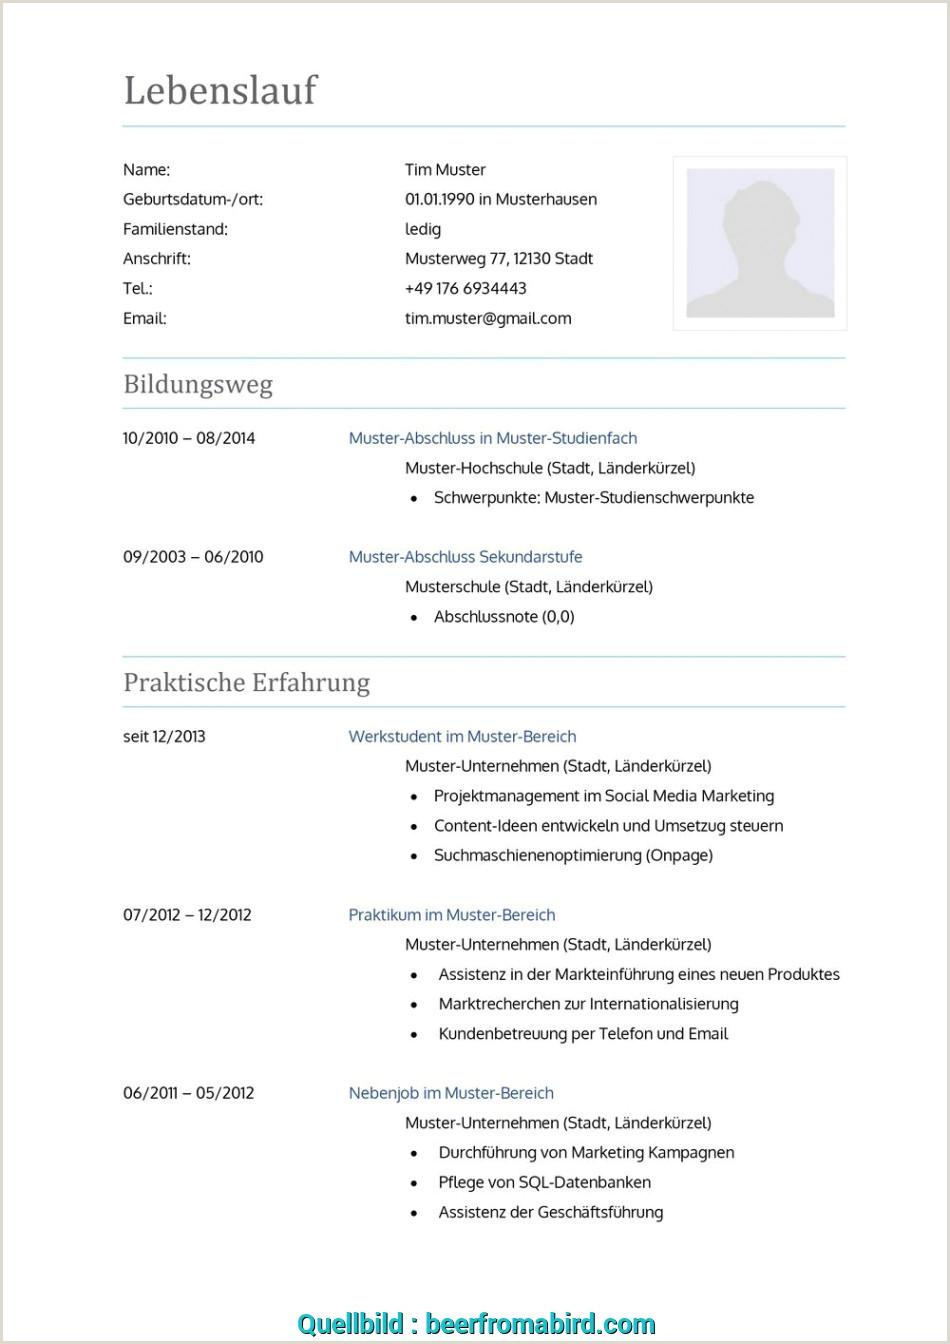 Komplex 14 Lebenslauf 2016 Vorlage Beerfromabird Muster